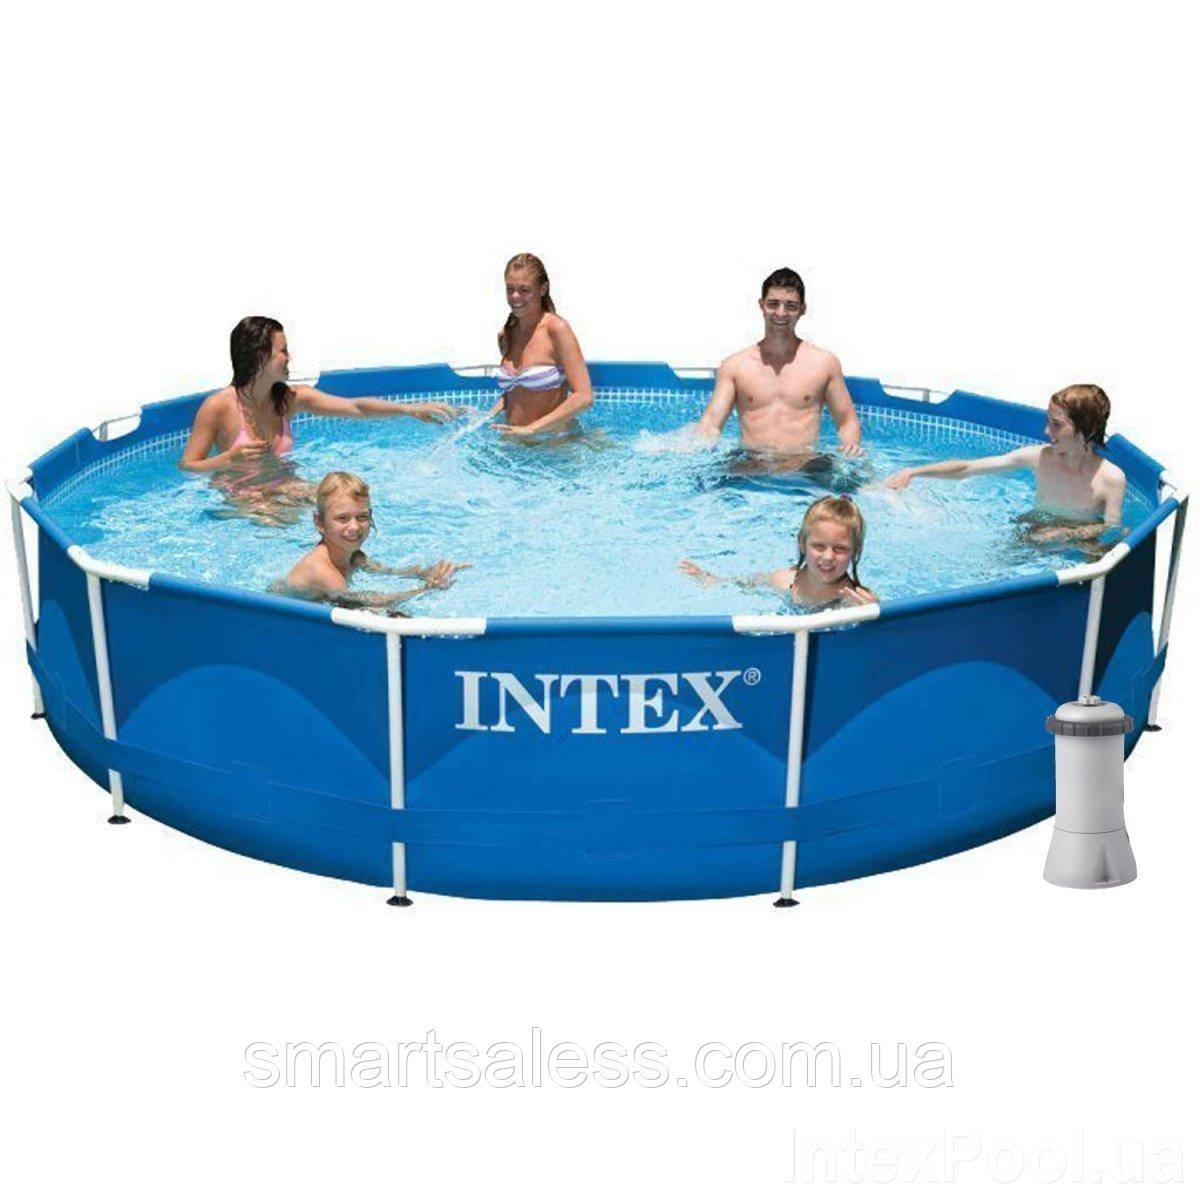 Каркасний басейн Intex 28212, 366 x 76 см (2 006 л/год)